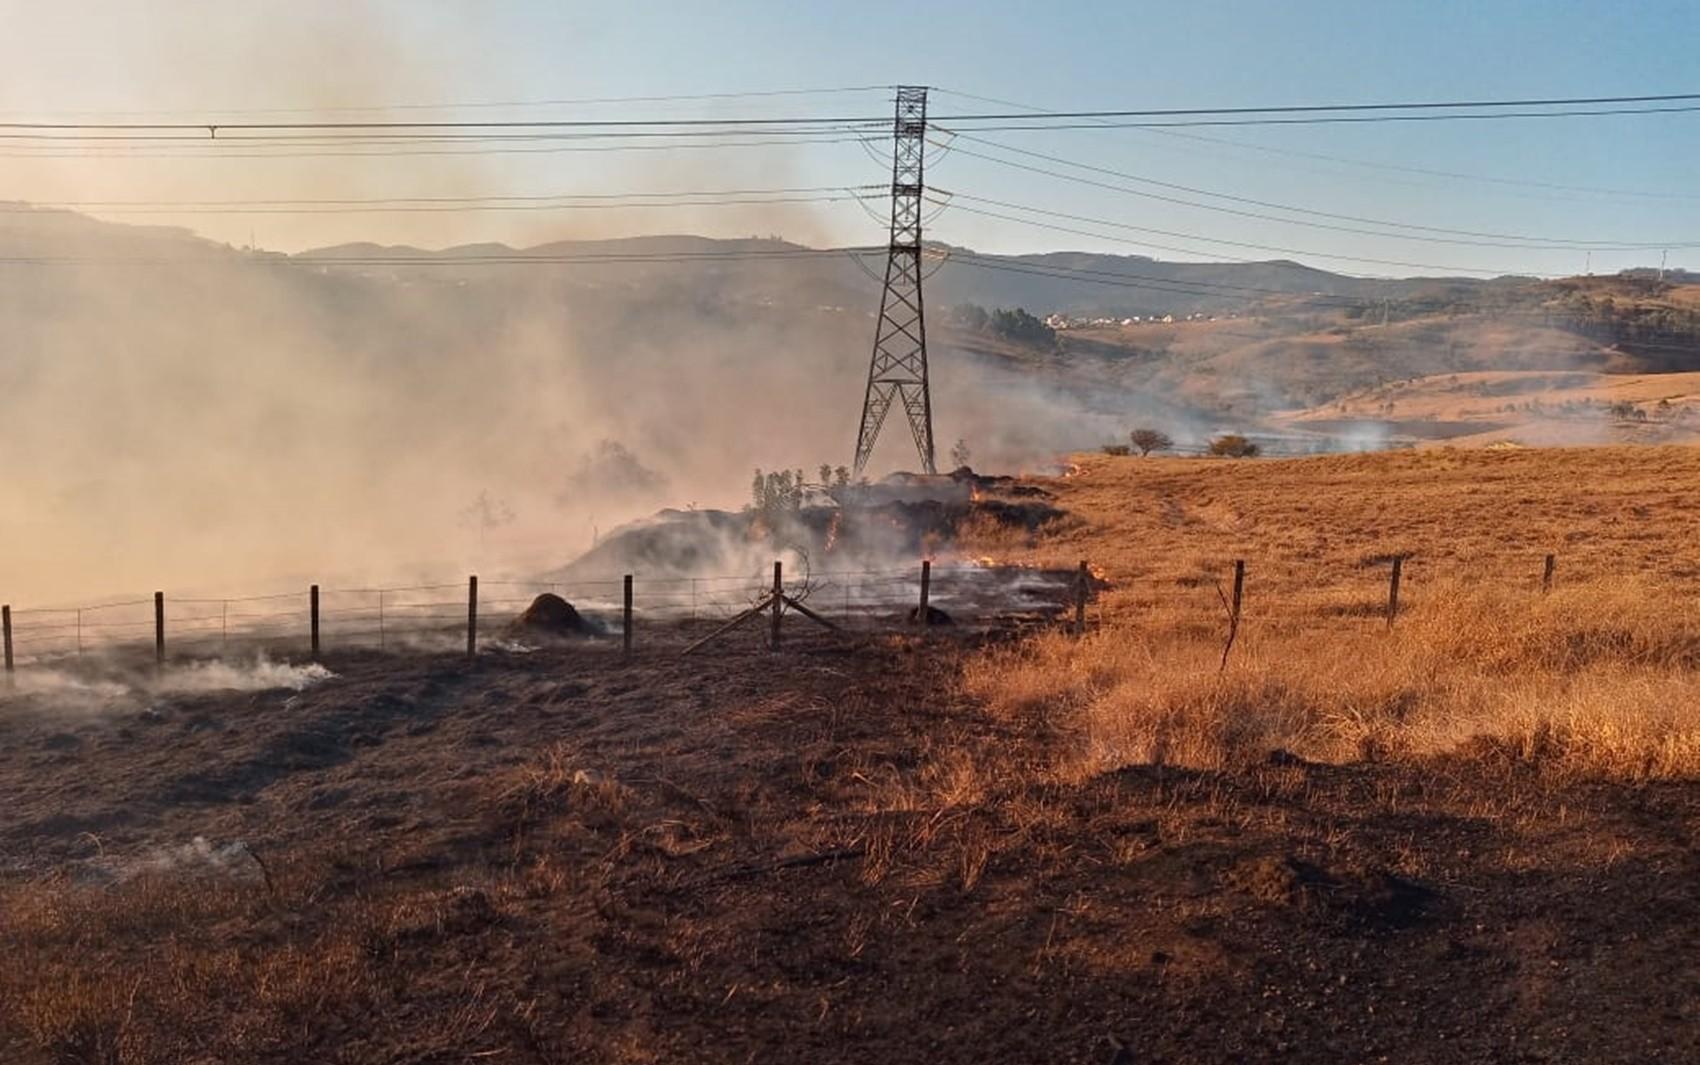 Incêndio queima cerca de 24 hectares  de vegetação em área com redes de alta tensão, em Poços de Caldas, MG